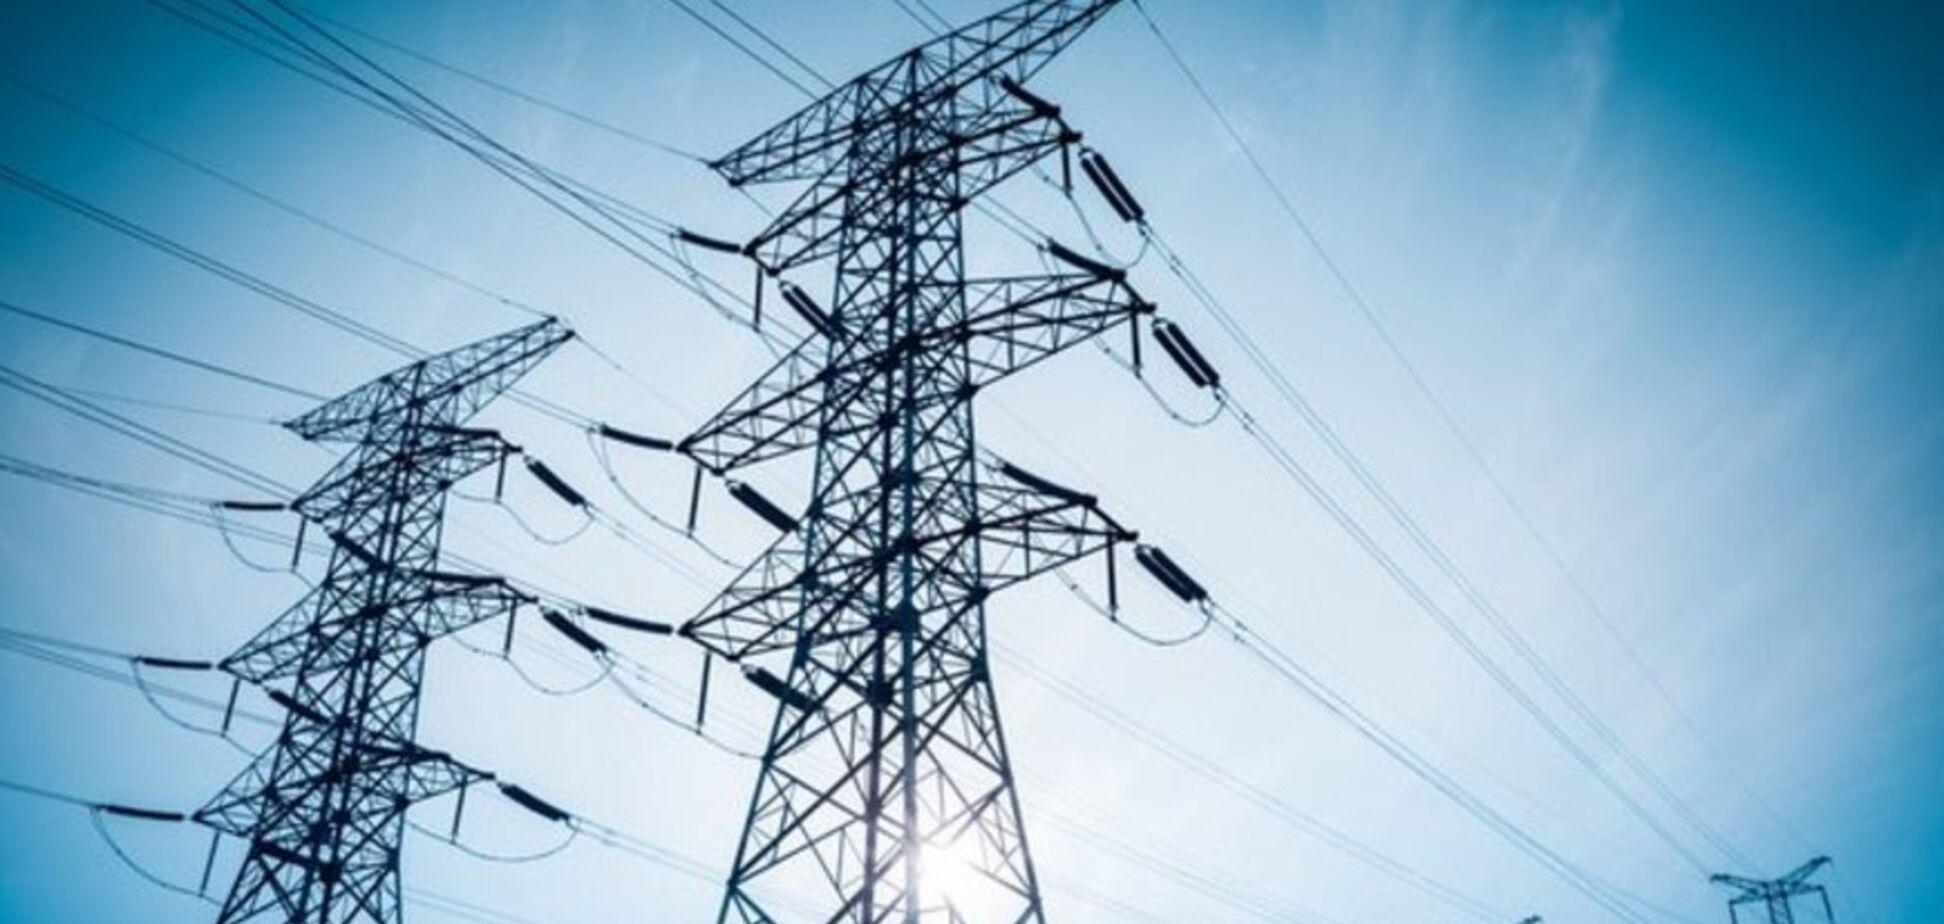 Импорт тока с Белорусской АЭС осложнил отношения Украины с балтийскими странами, – Бессмертный